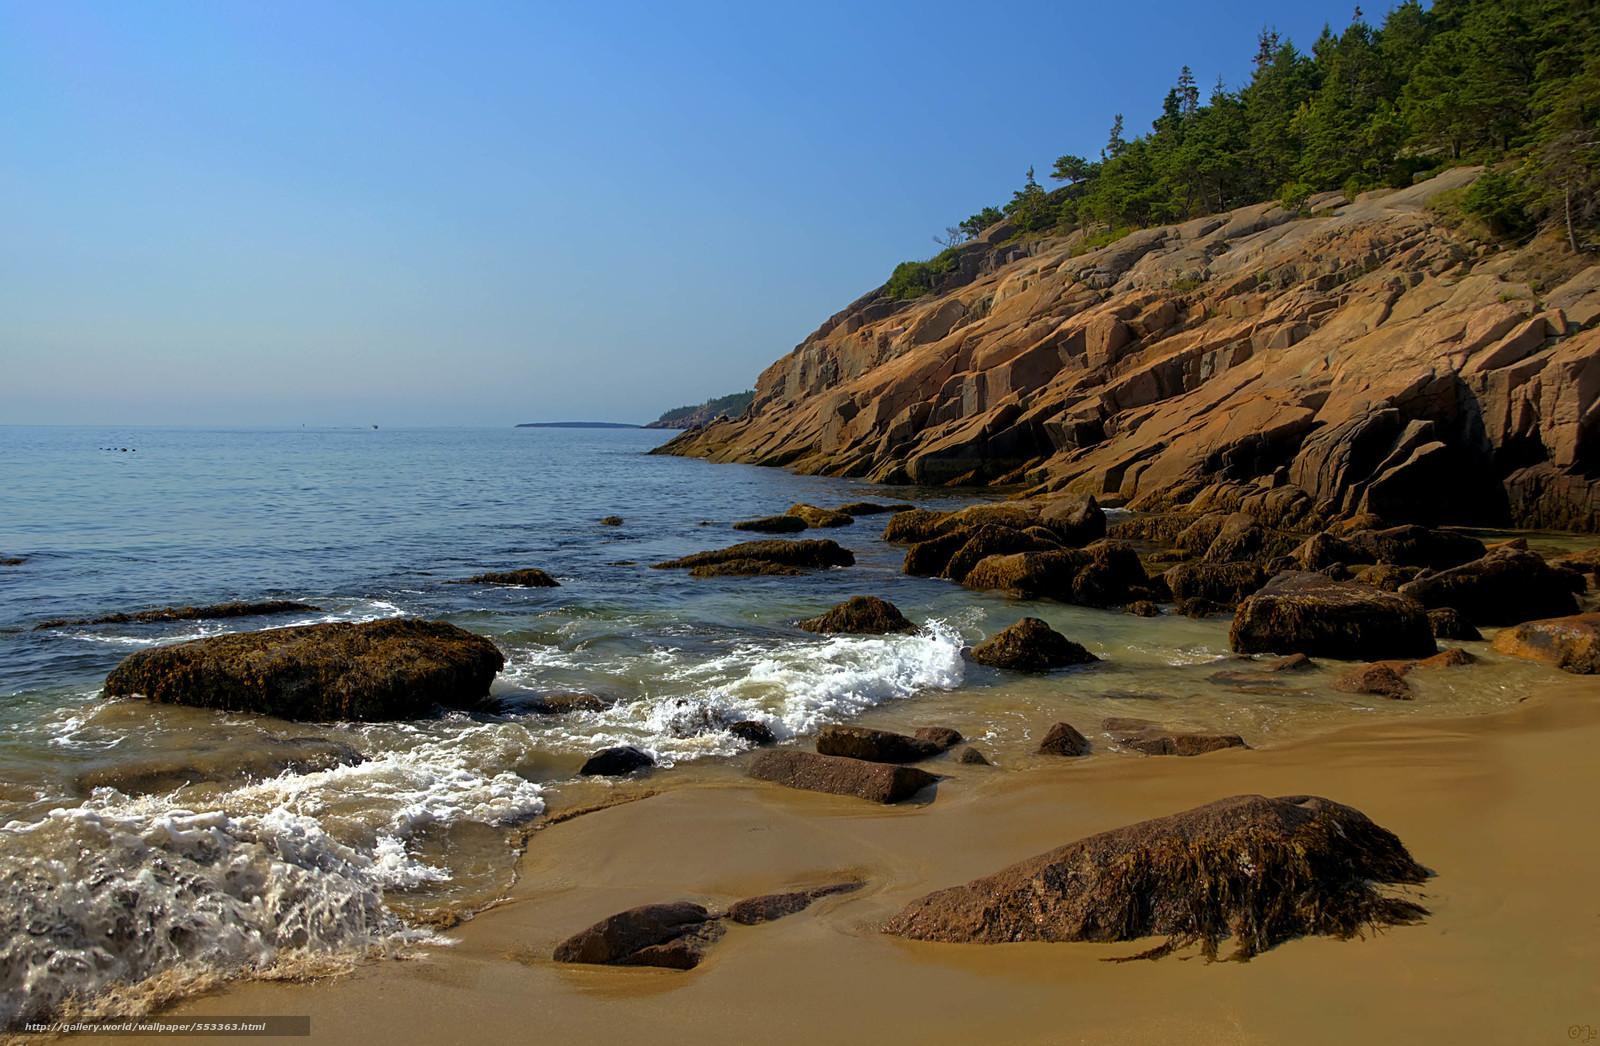 Download wallpaper Acadia National Park sea shore stones 1600x1046